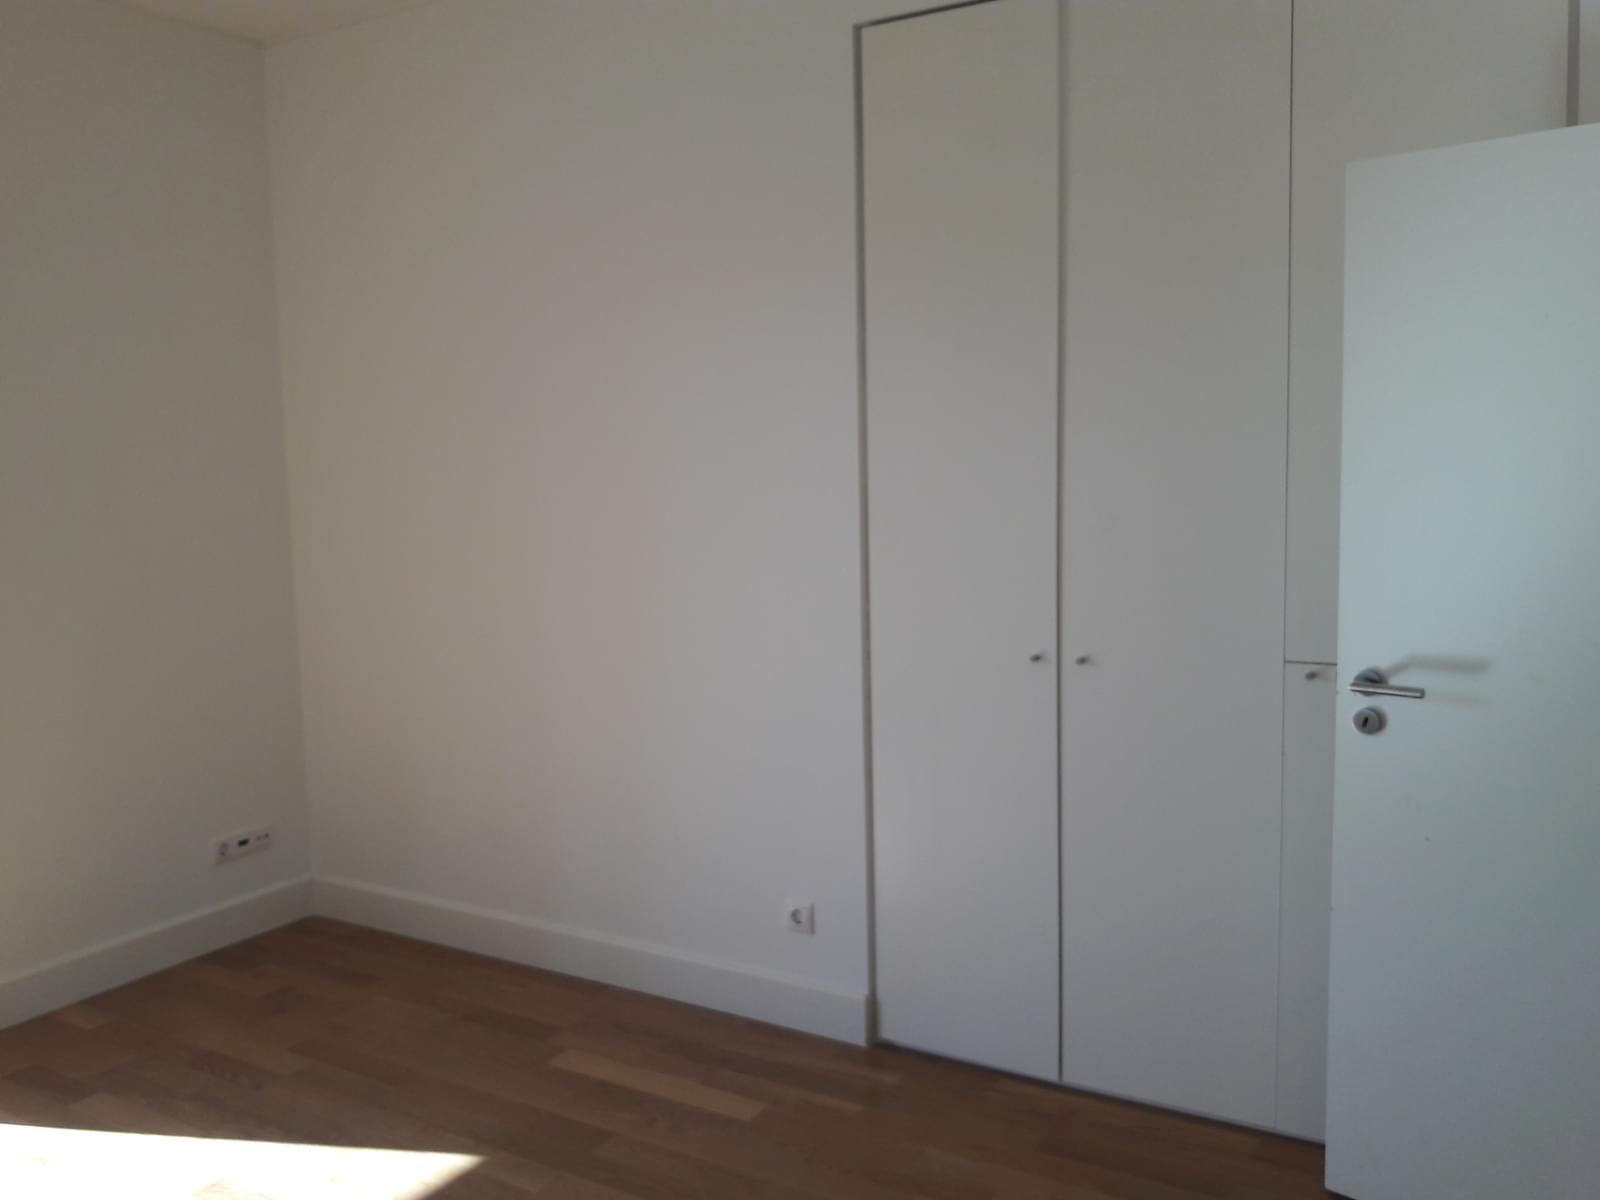 pf18057-apartamento-t3-sintra-f241f157-2641-4b83-a61b-667d3ffdc6fc